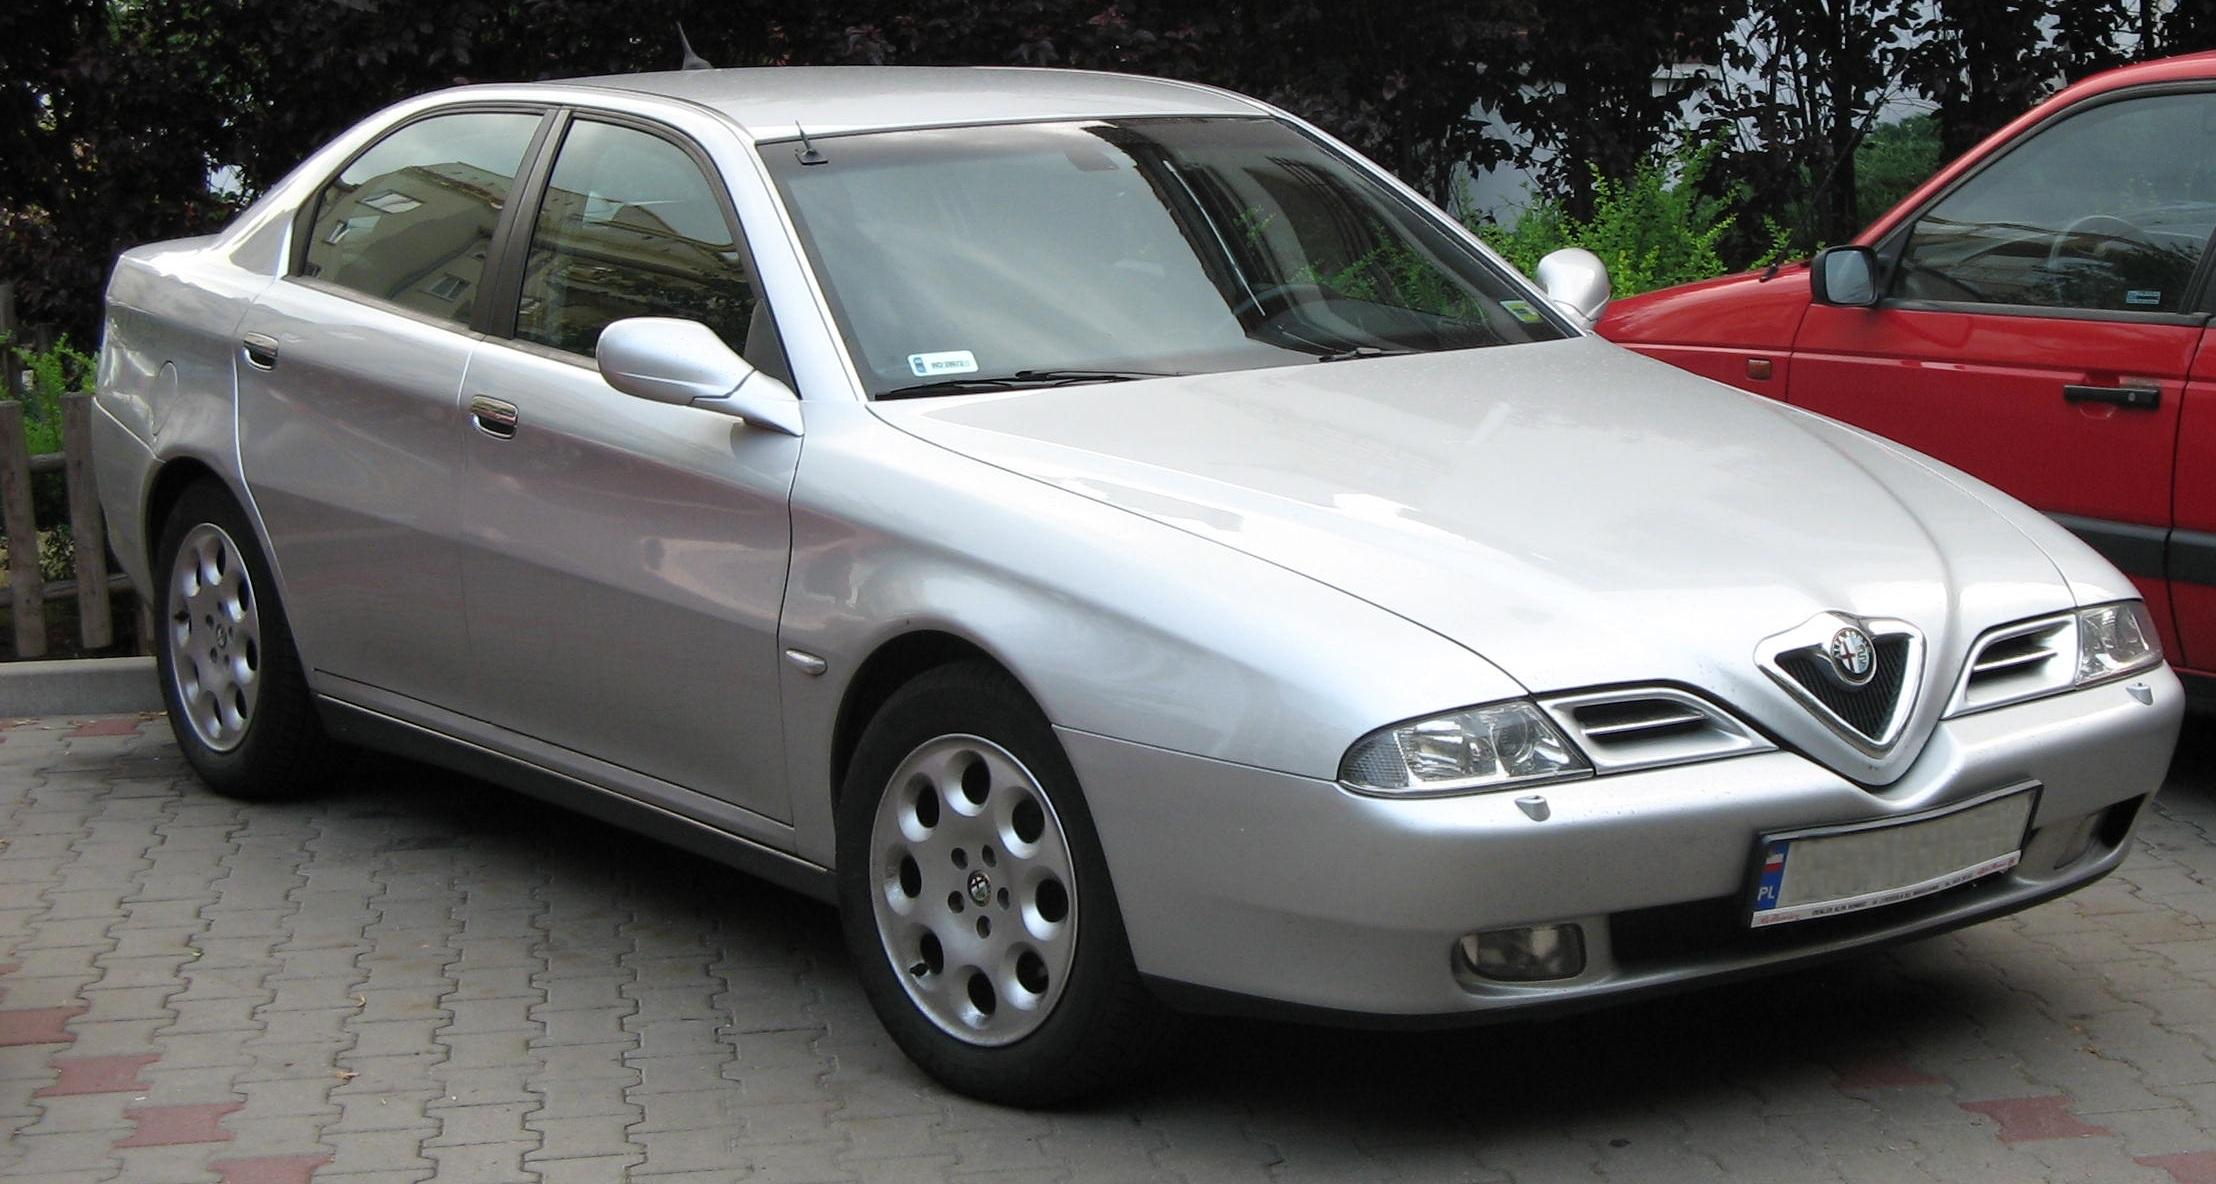 File:Alfa Romeo 166.jpg